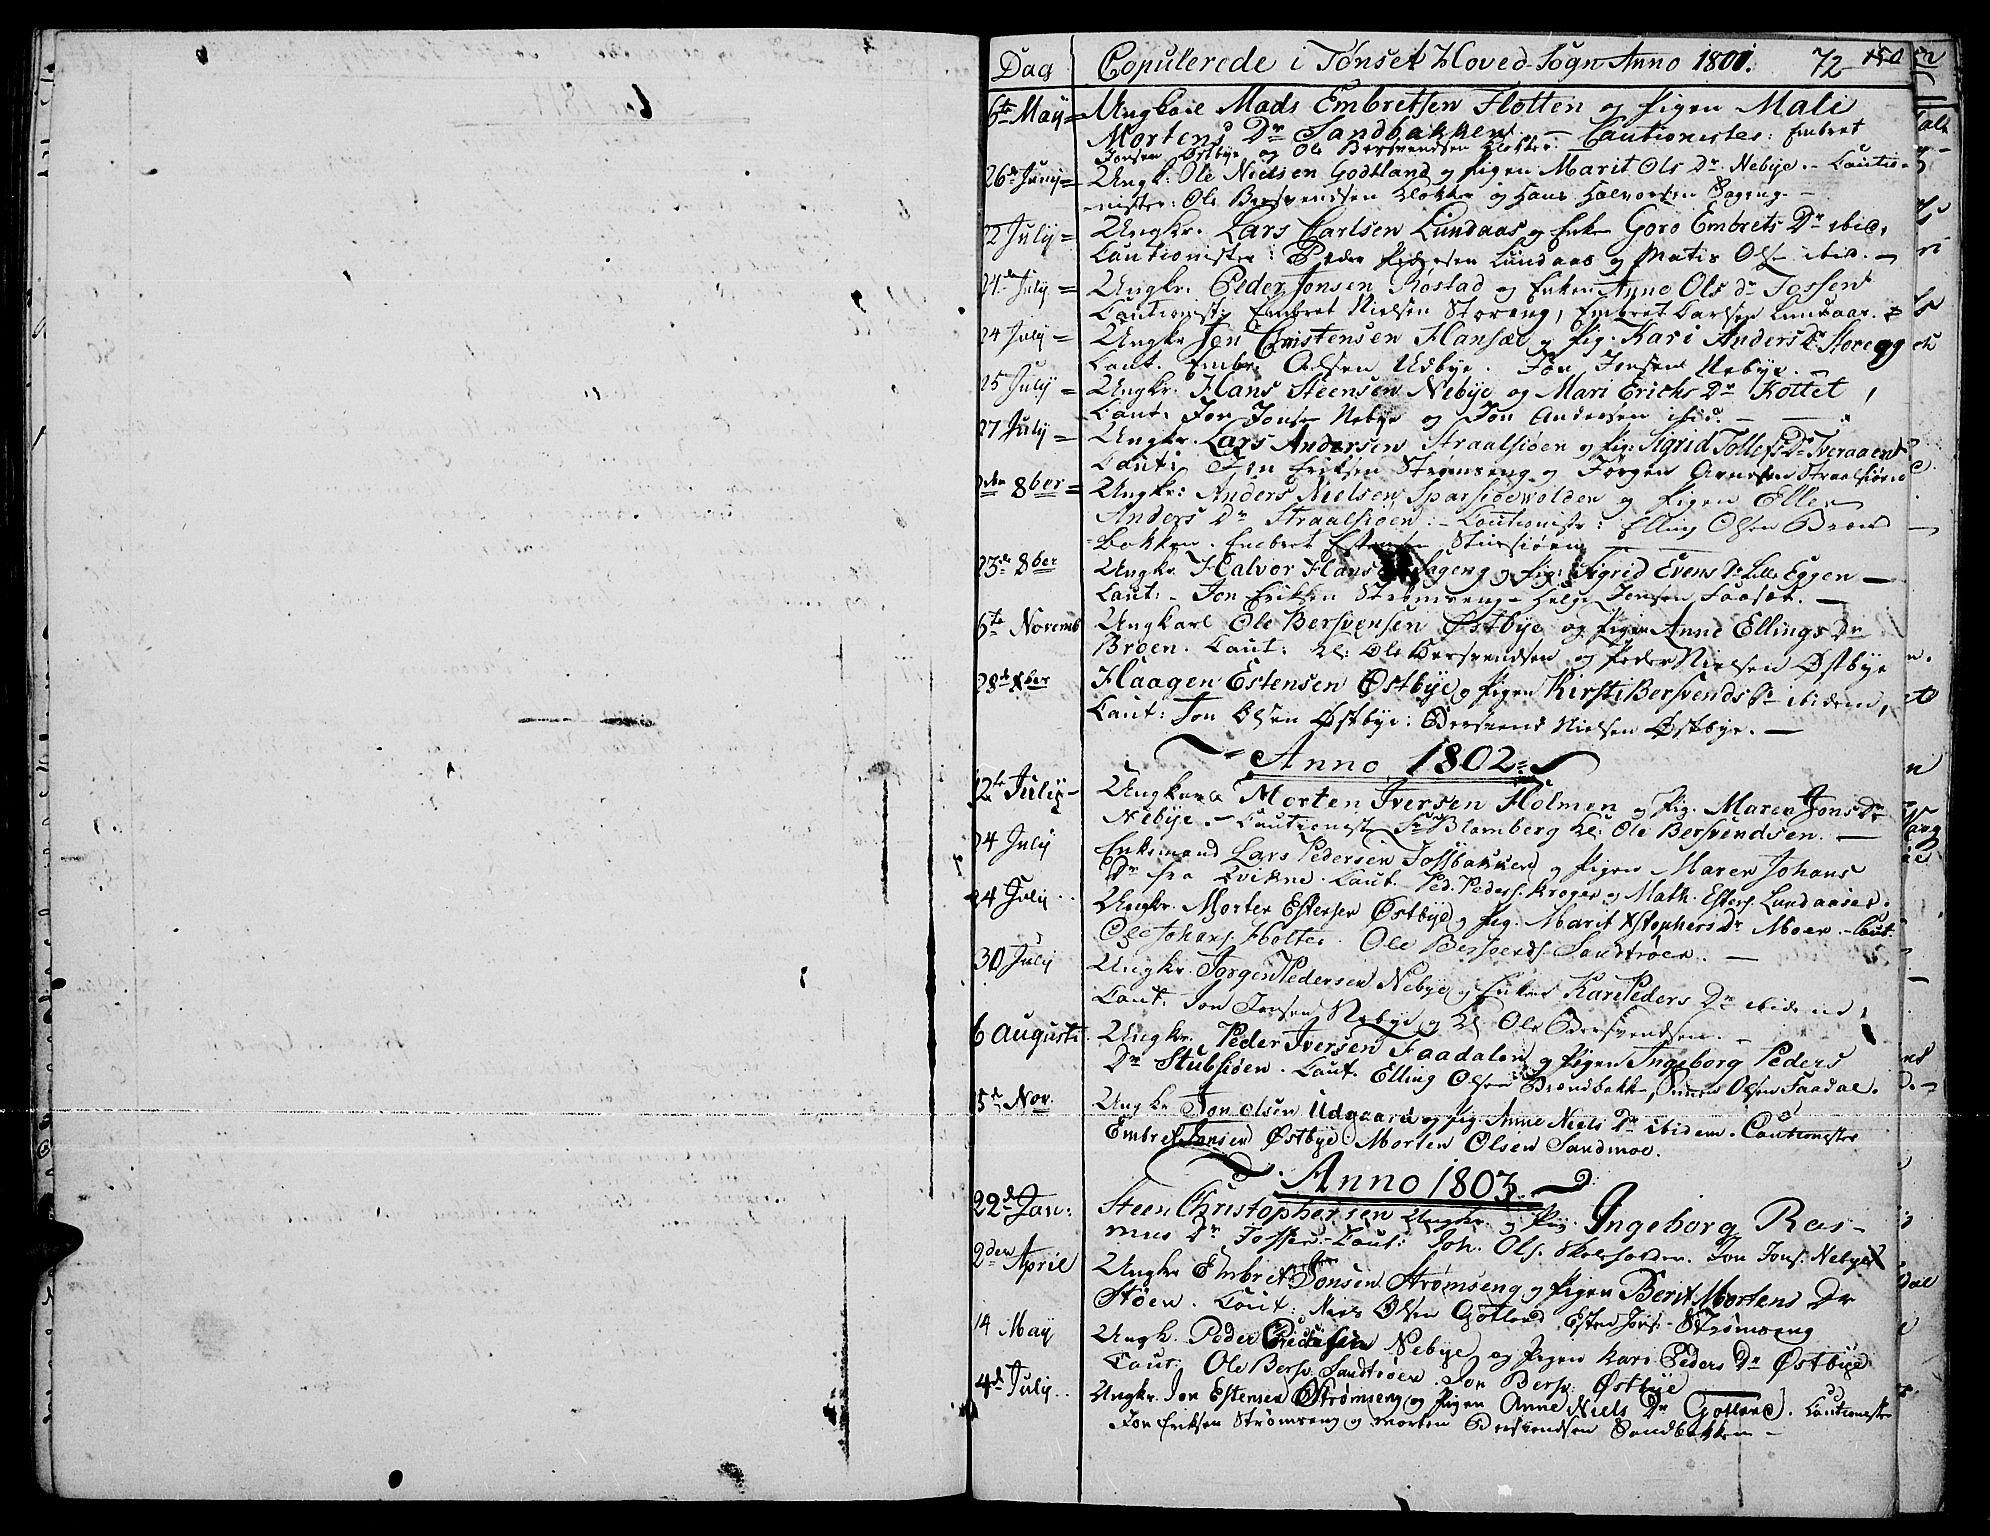 SAH, Tynset prestekontor, Parish register (official) no. 15, 1801-1814, p. 72